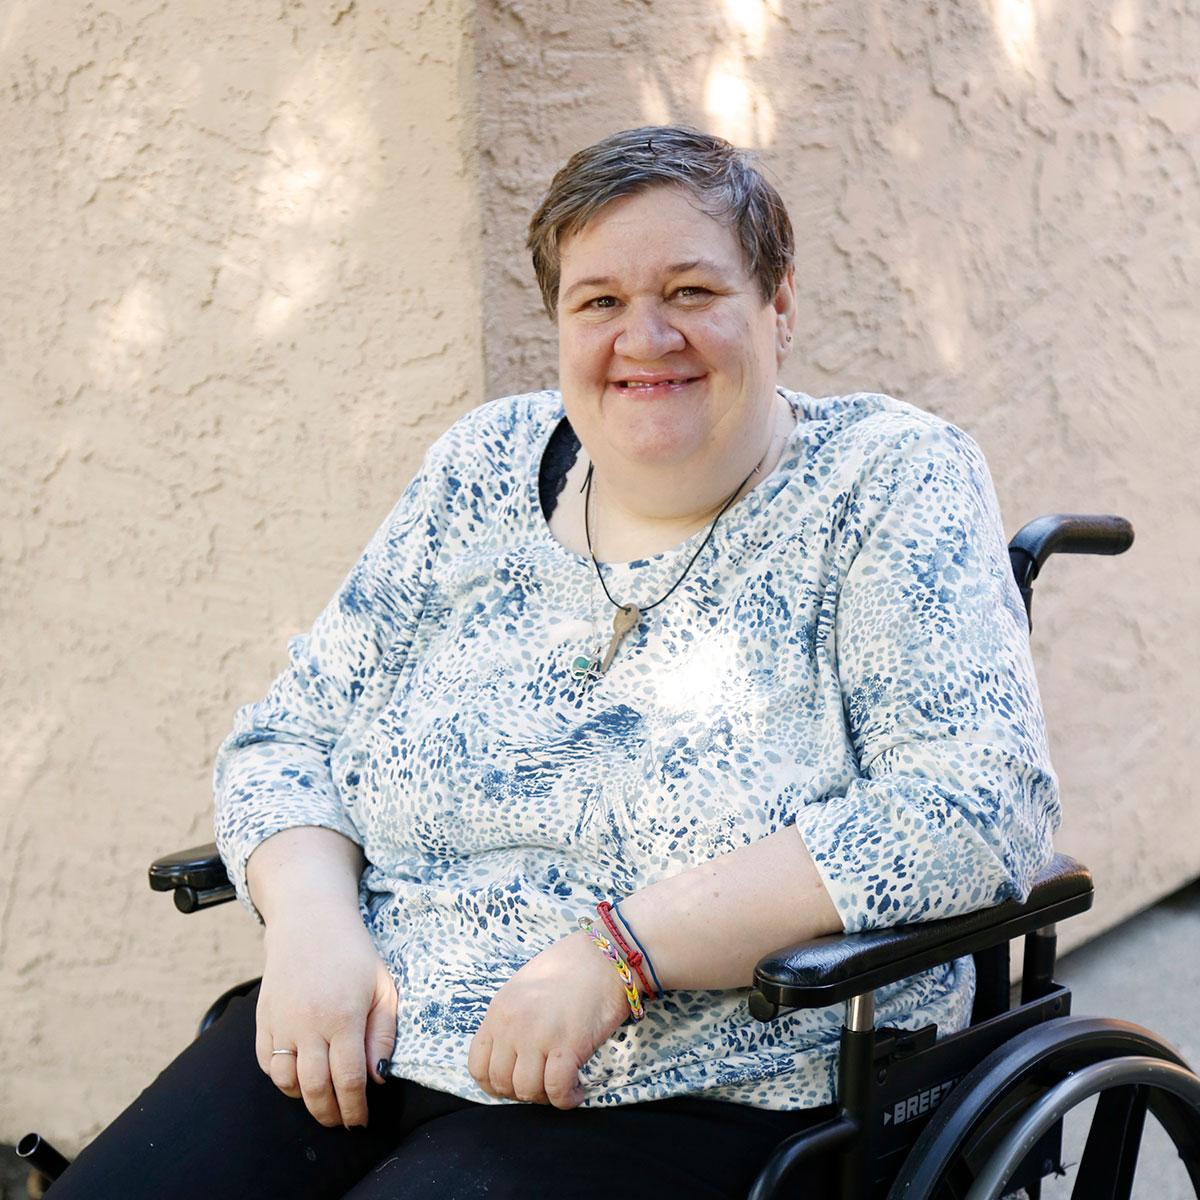 Alison Cherer